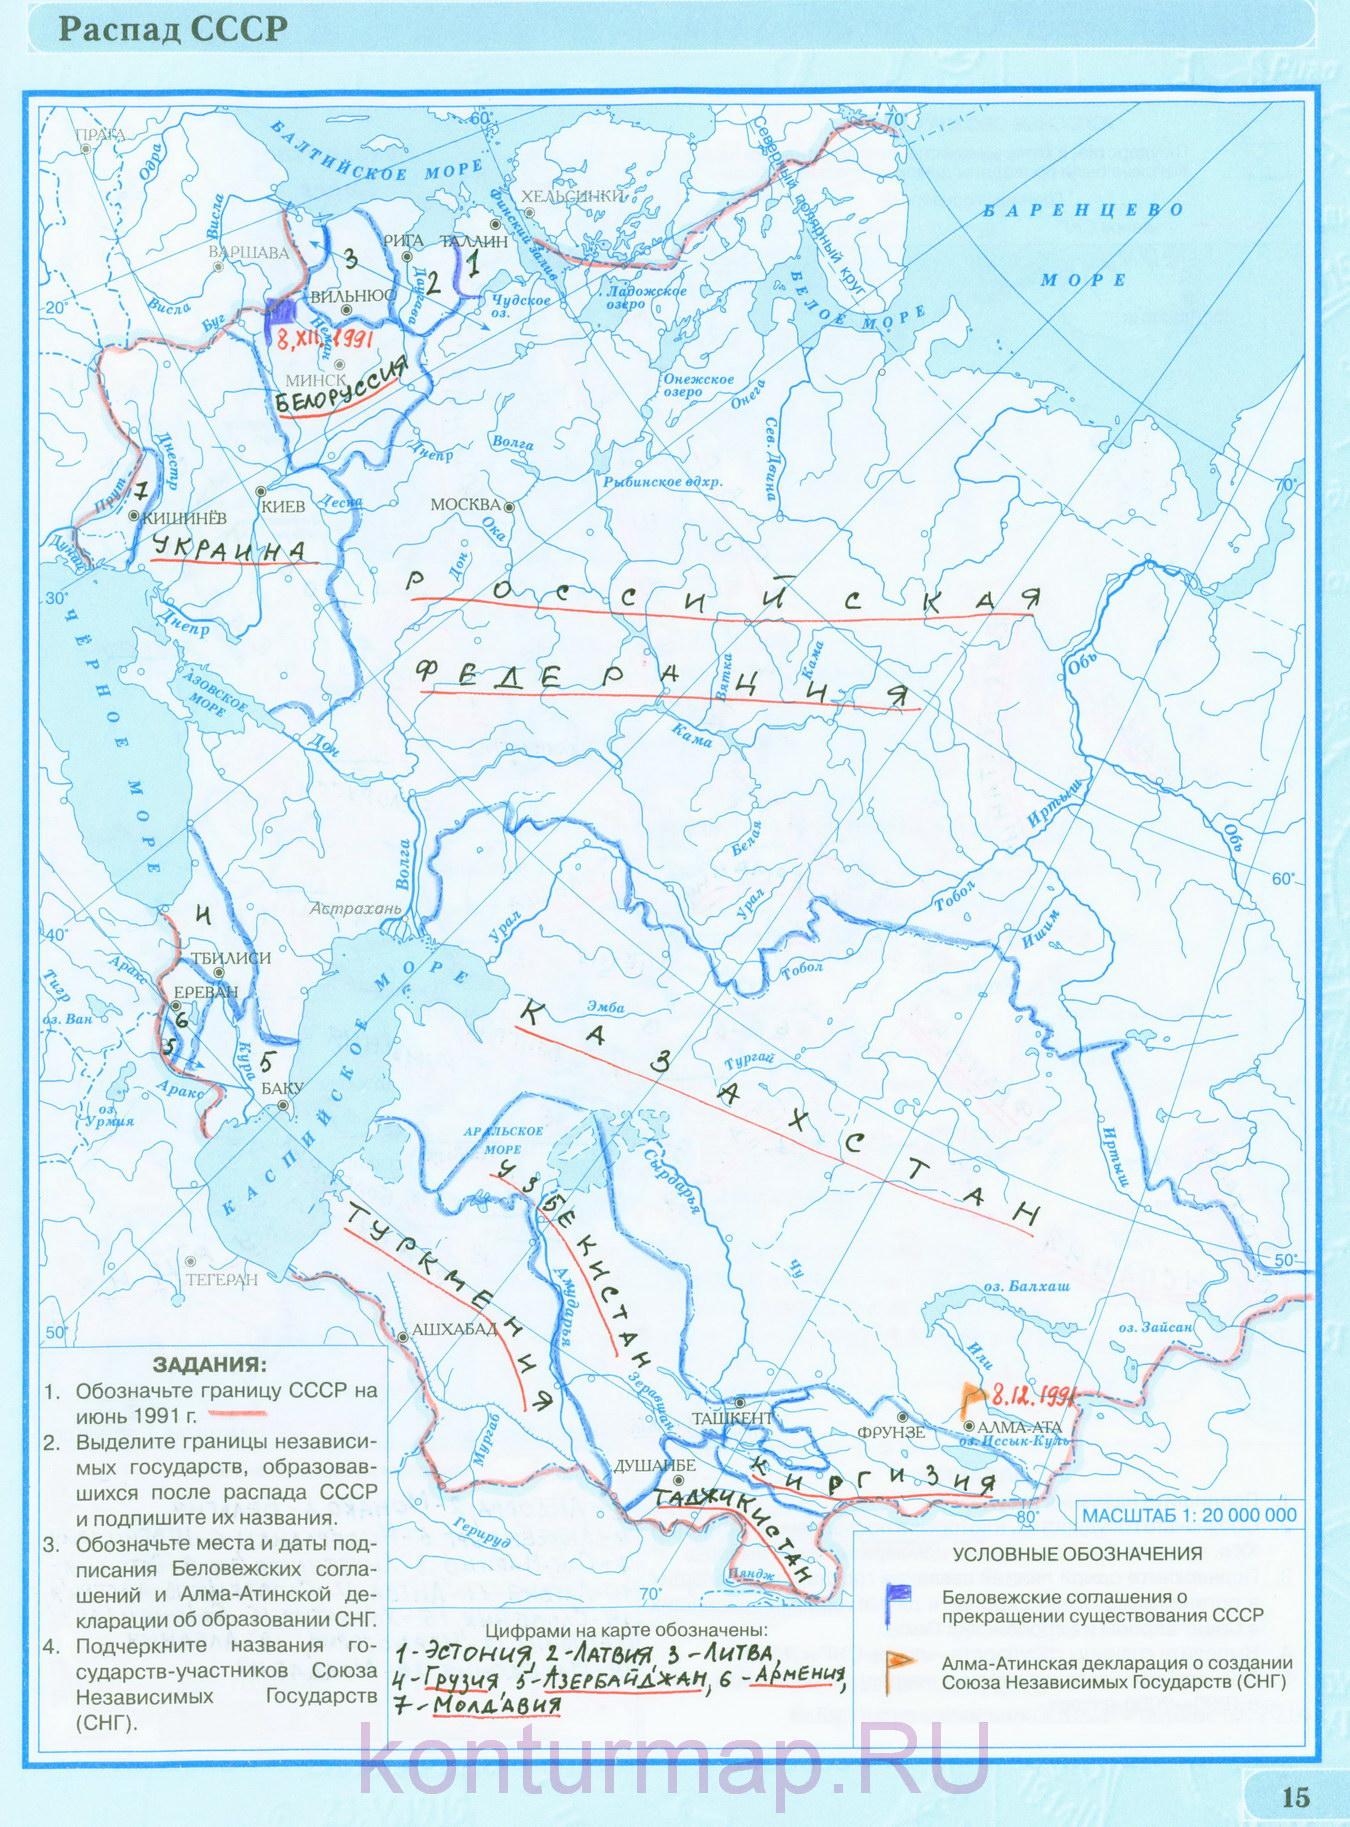 Гдз по истоии контурная карта 9 класс история россии